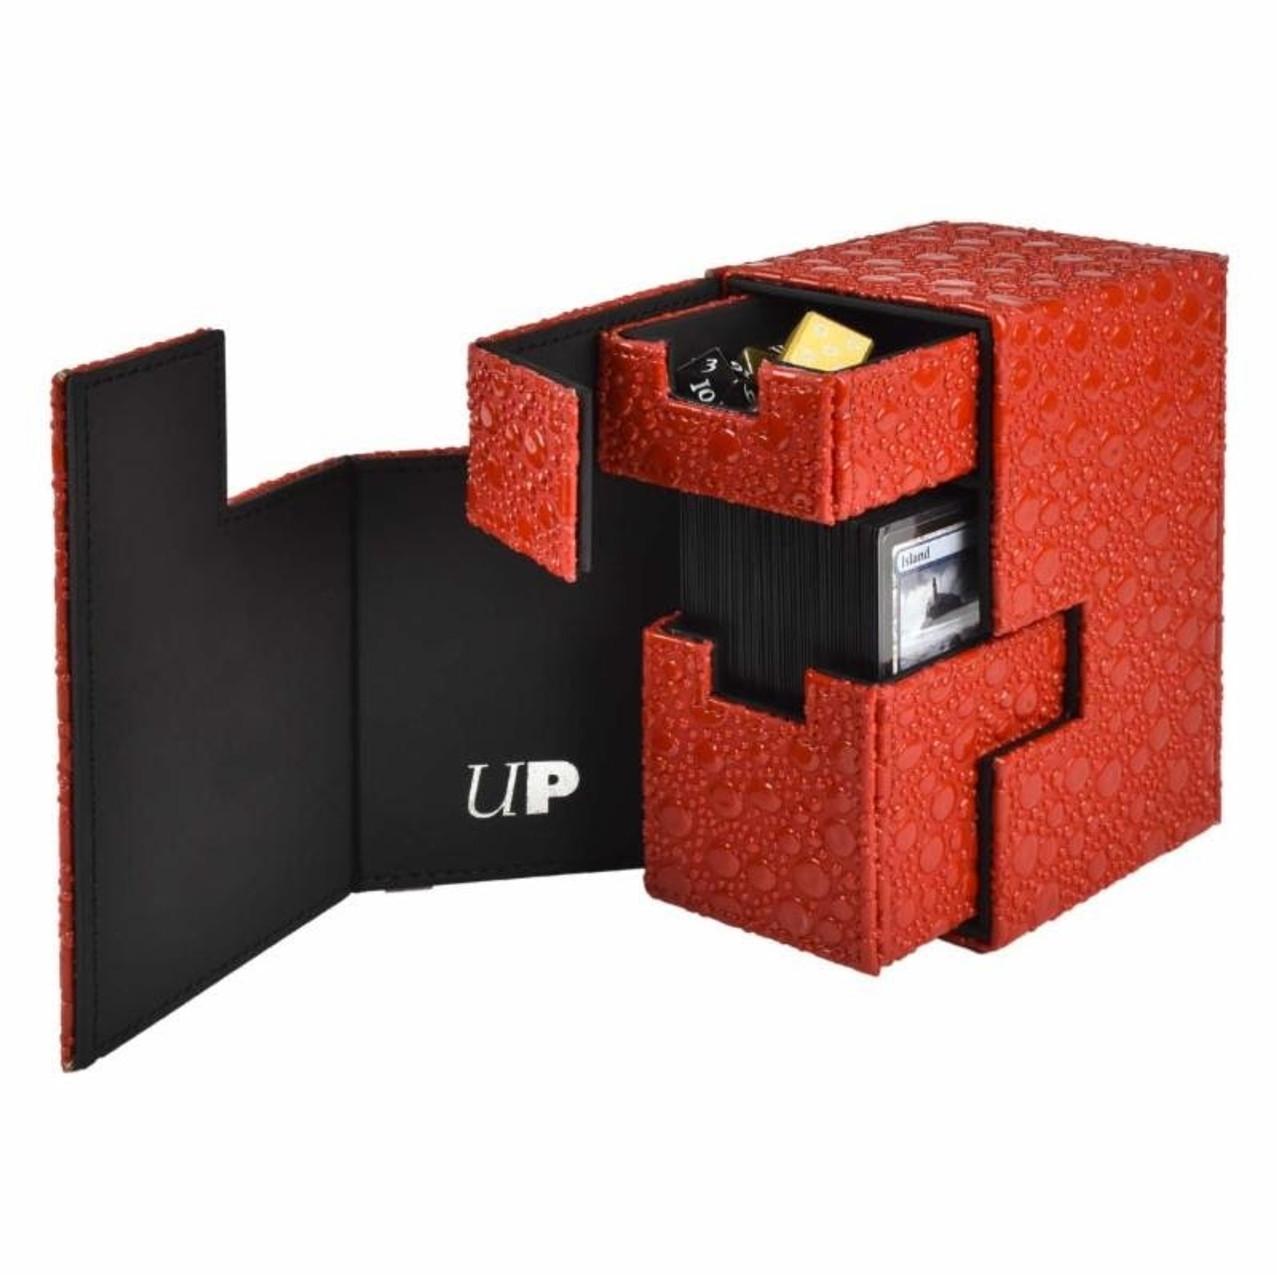 Deck Box M2 - Goblin Hide - Special Order